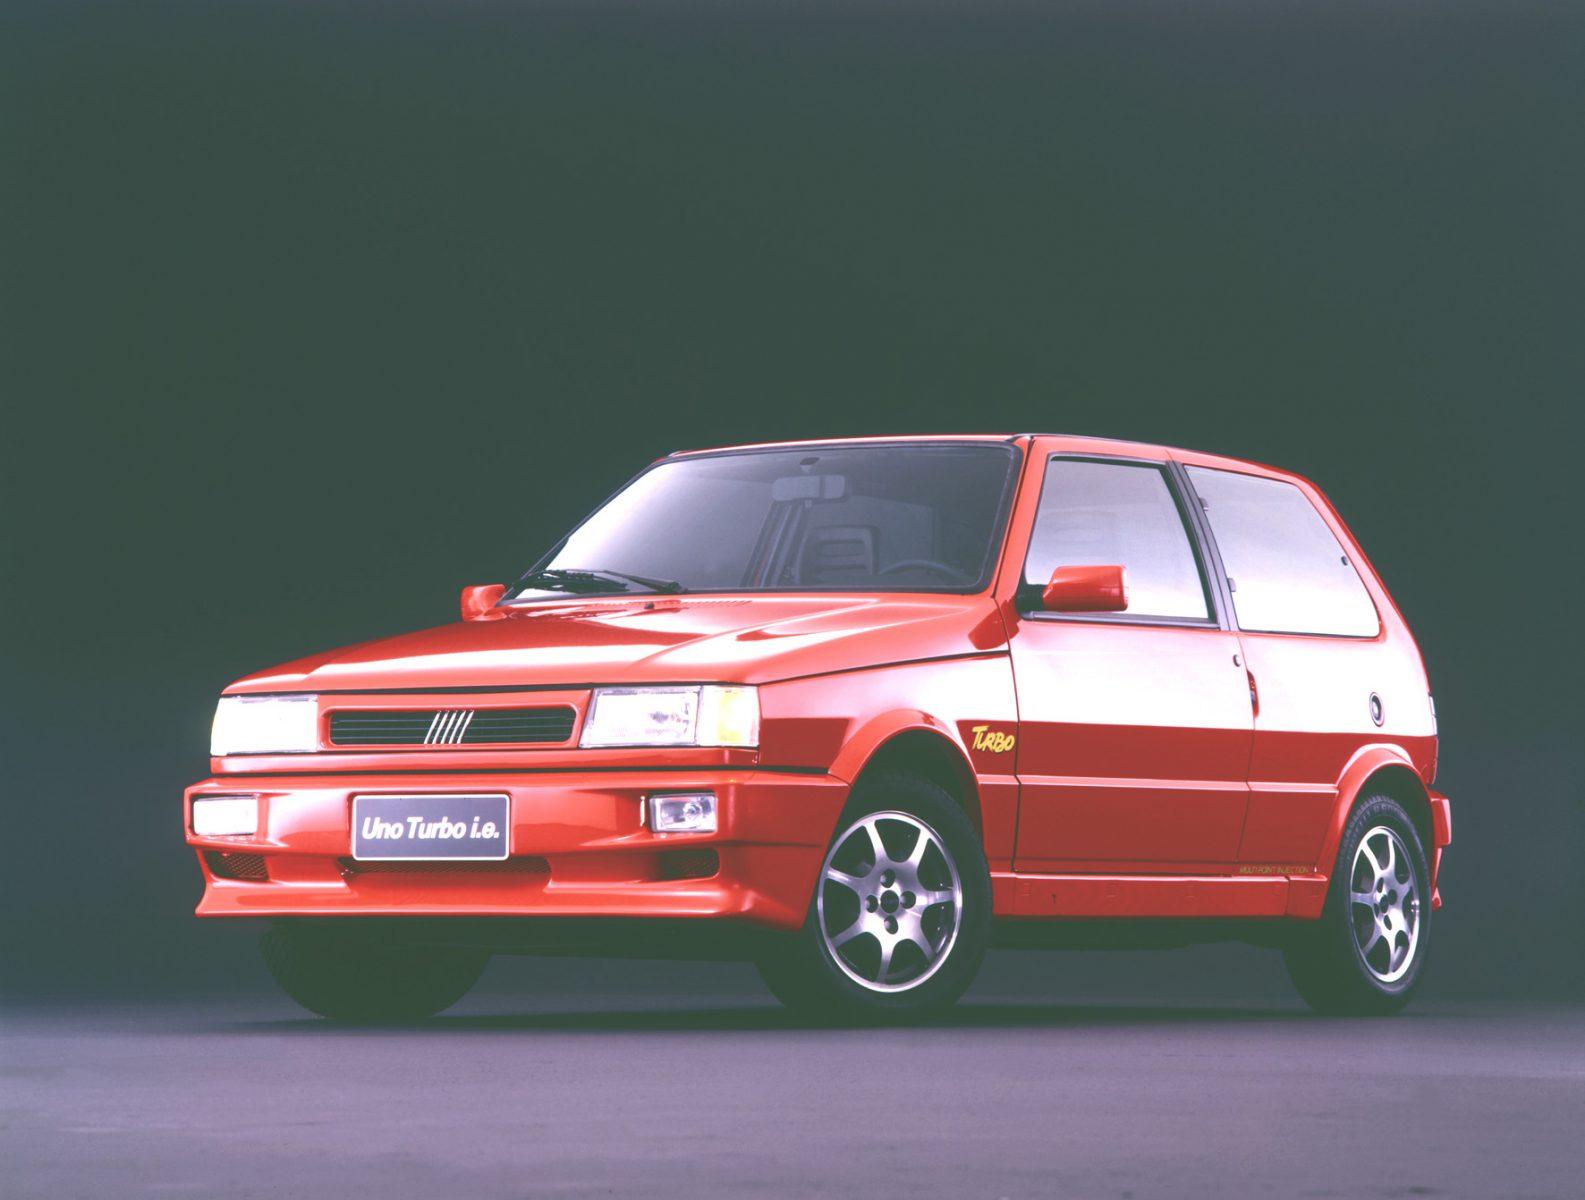 fiat uno turbo Com a confirmação dos motores Firefly turbo na gama da Fiat, é um bom momento para relembrar esses modelos da italiana que marcaram época.